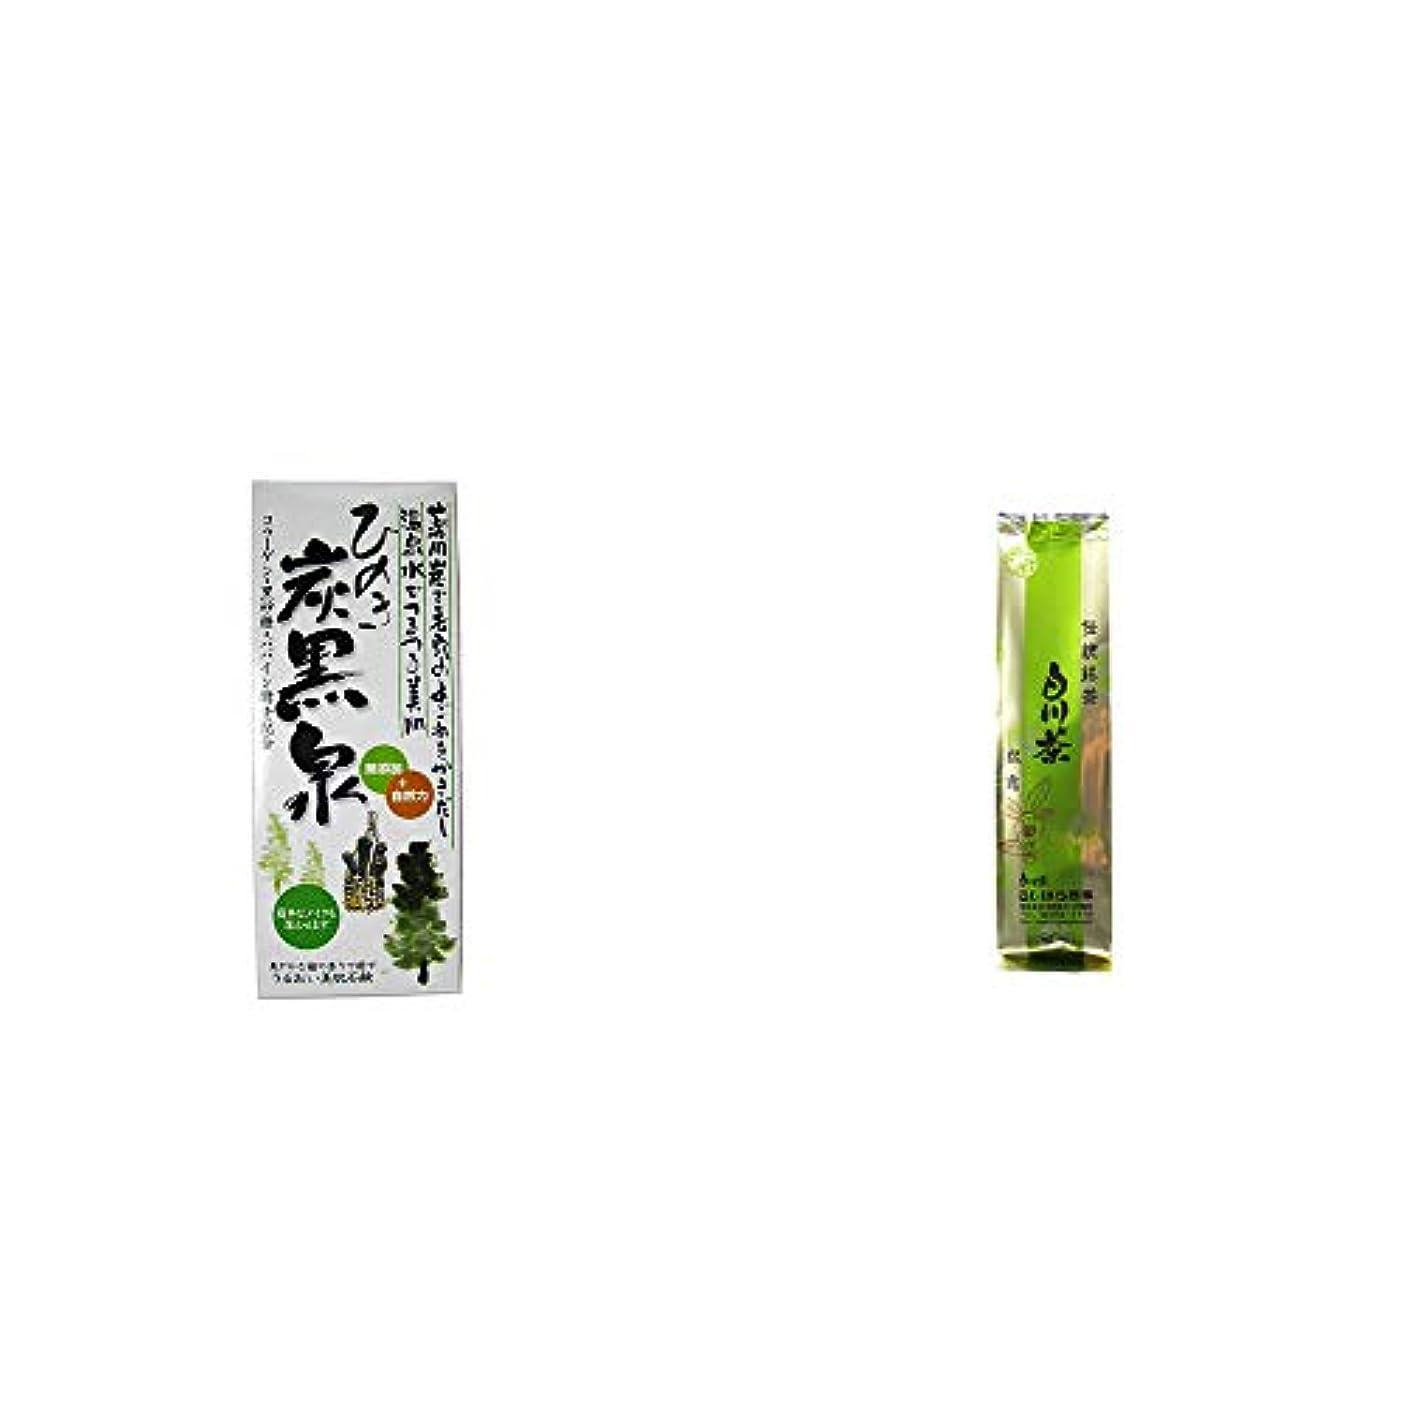 コテージぬれたクラシック[2点セット] ひのき炭黒泉 箱入り(75g×3)?白川茶 伝統銘茶【松露】(180g)